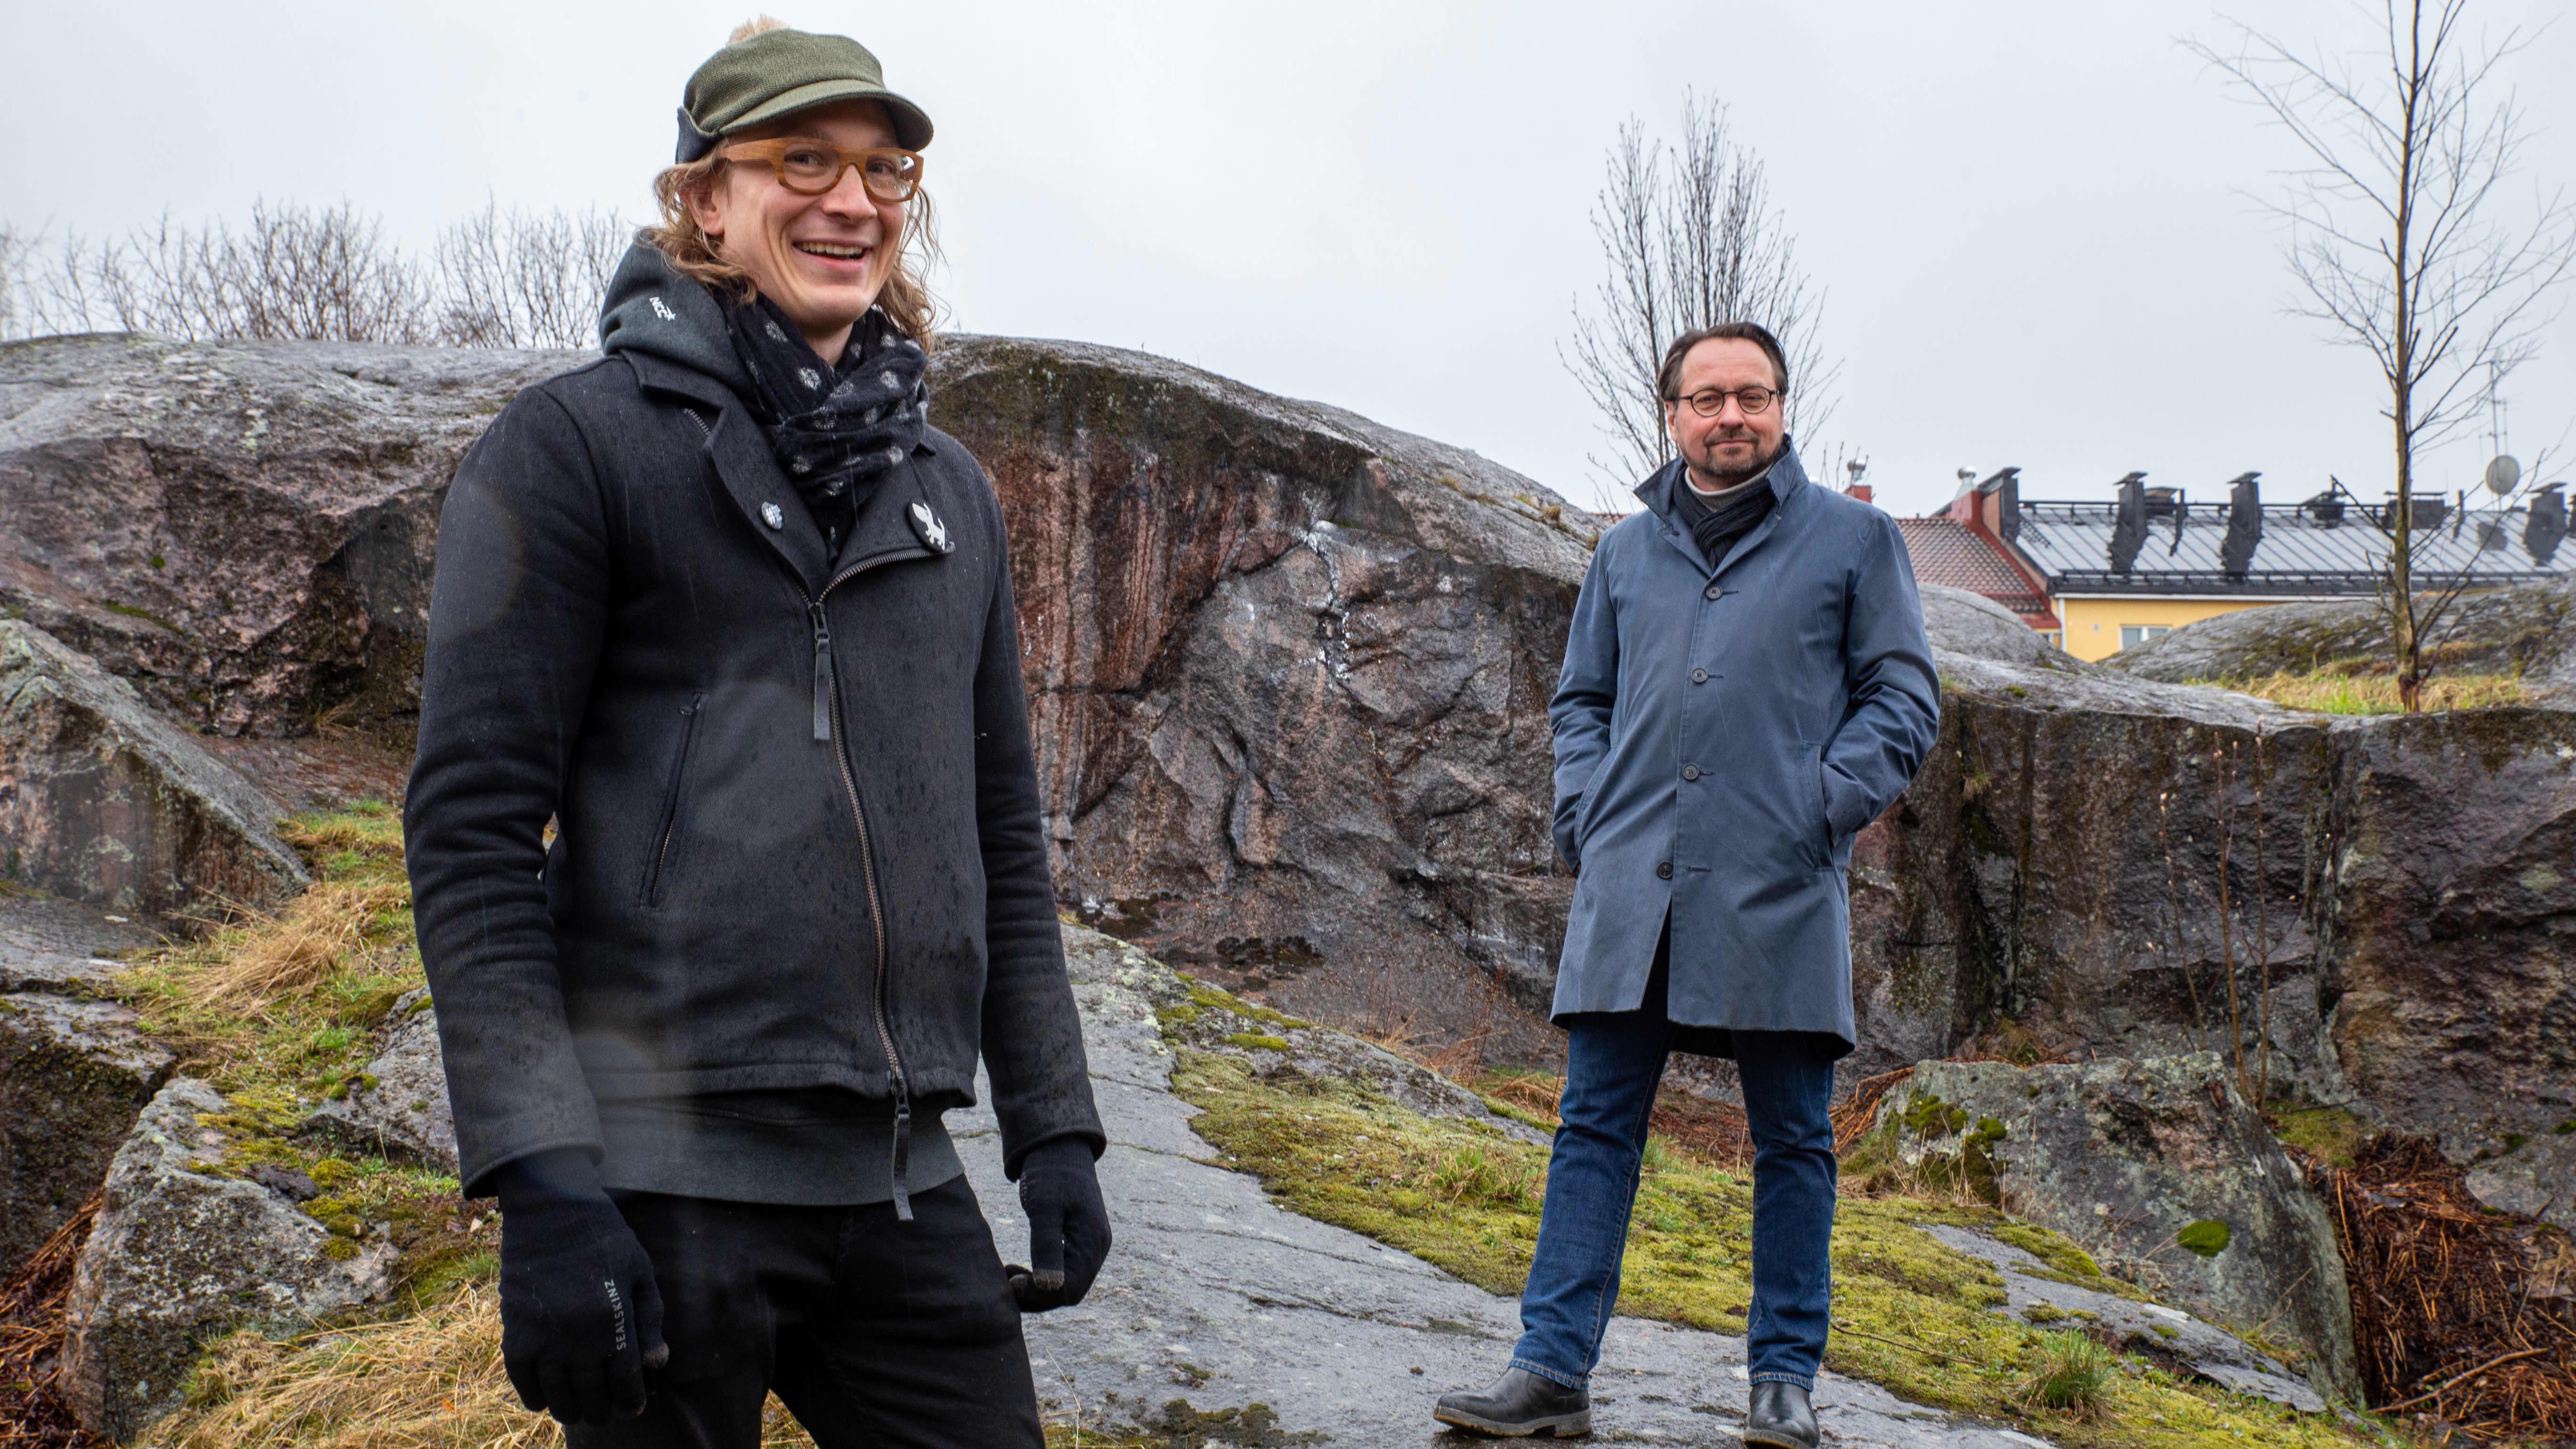 NCC:n kehityshippi Eelis Rytkönen ja JKMM:n arkkitehti Juha Mäki-Jyllilä Alppilan kallioiden päällä.